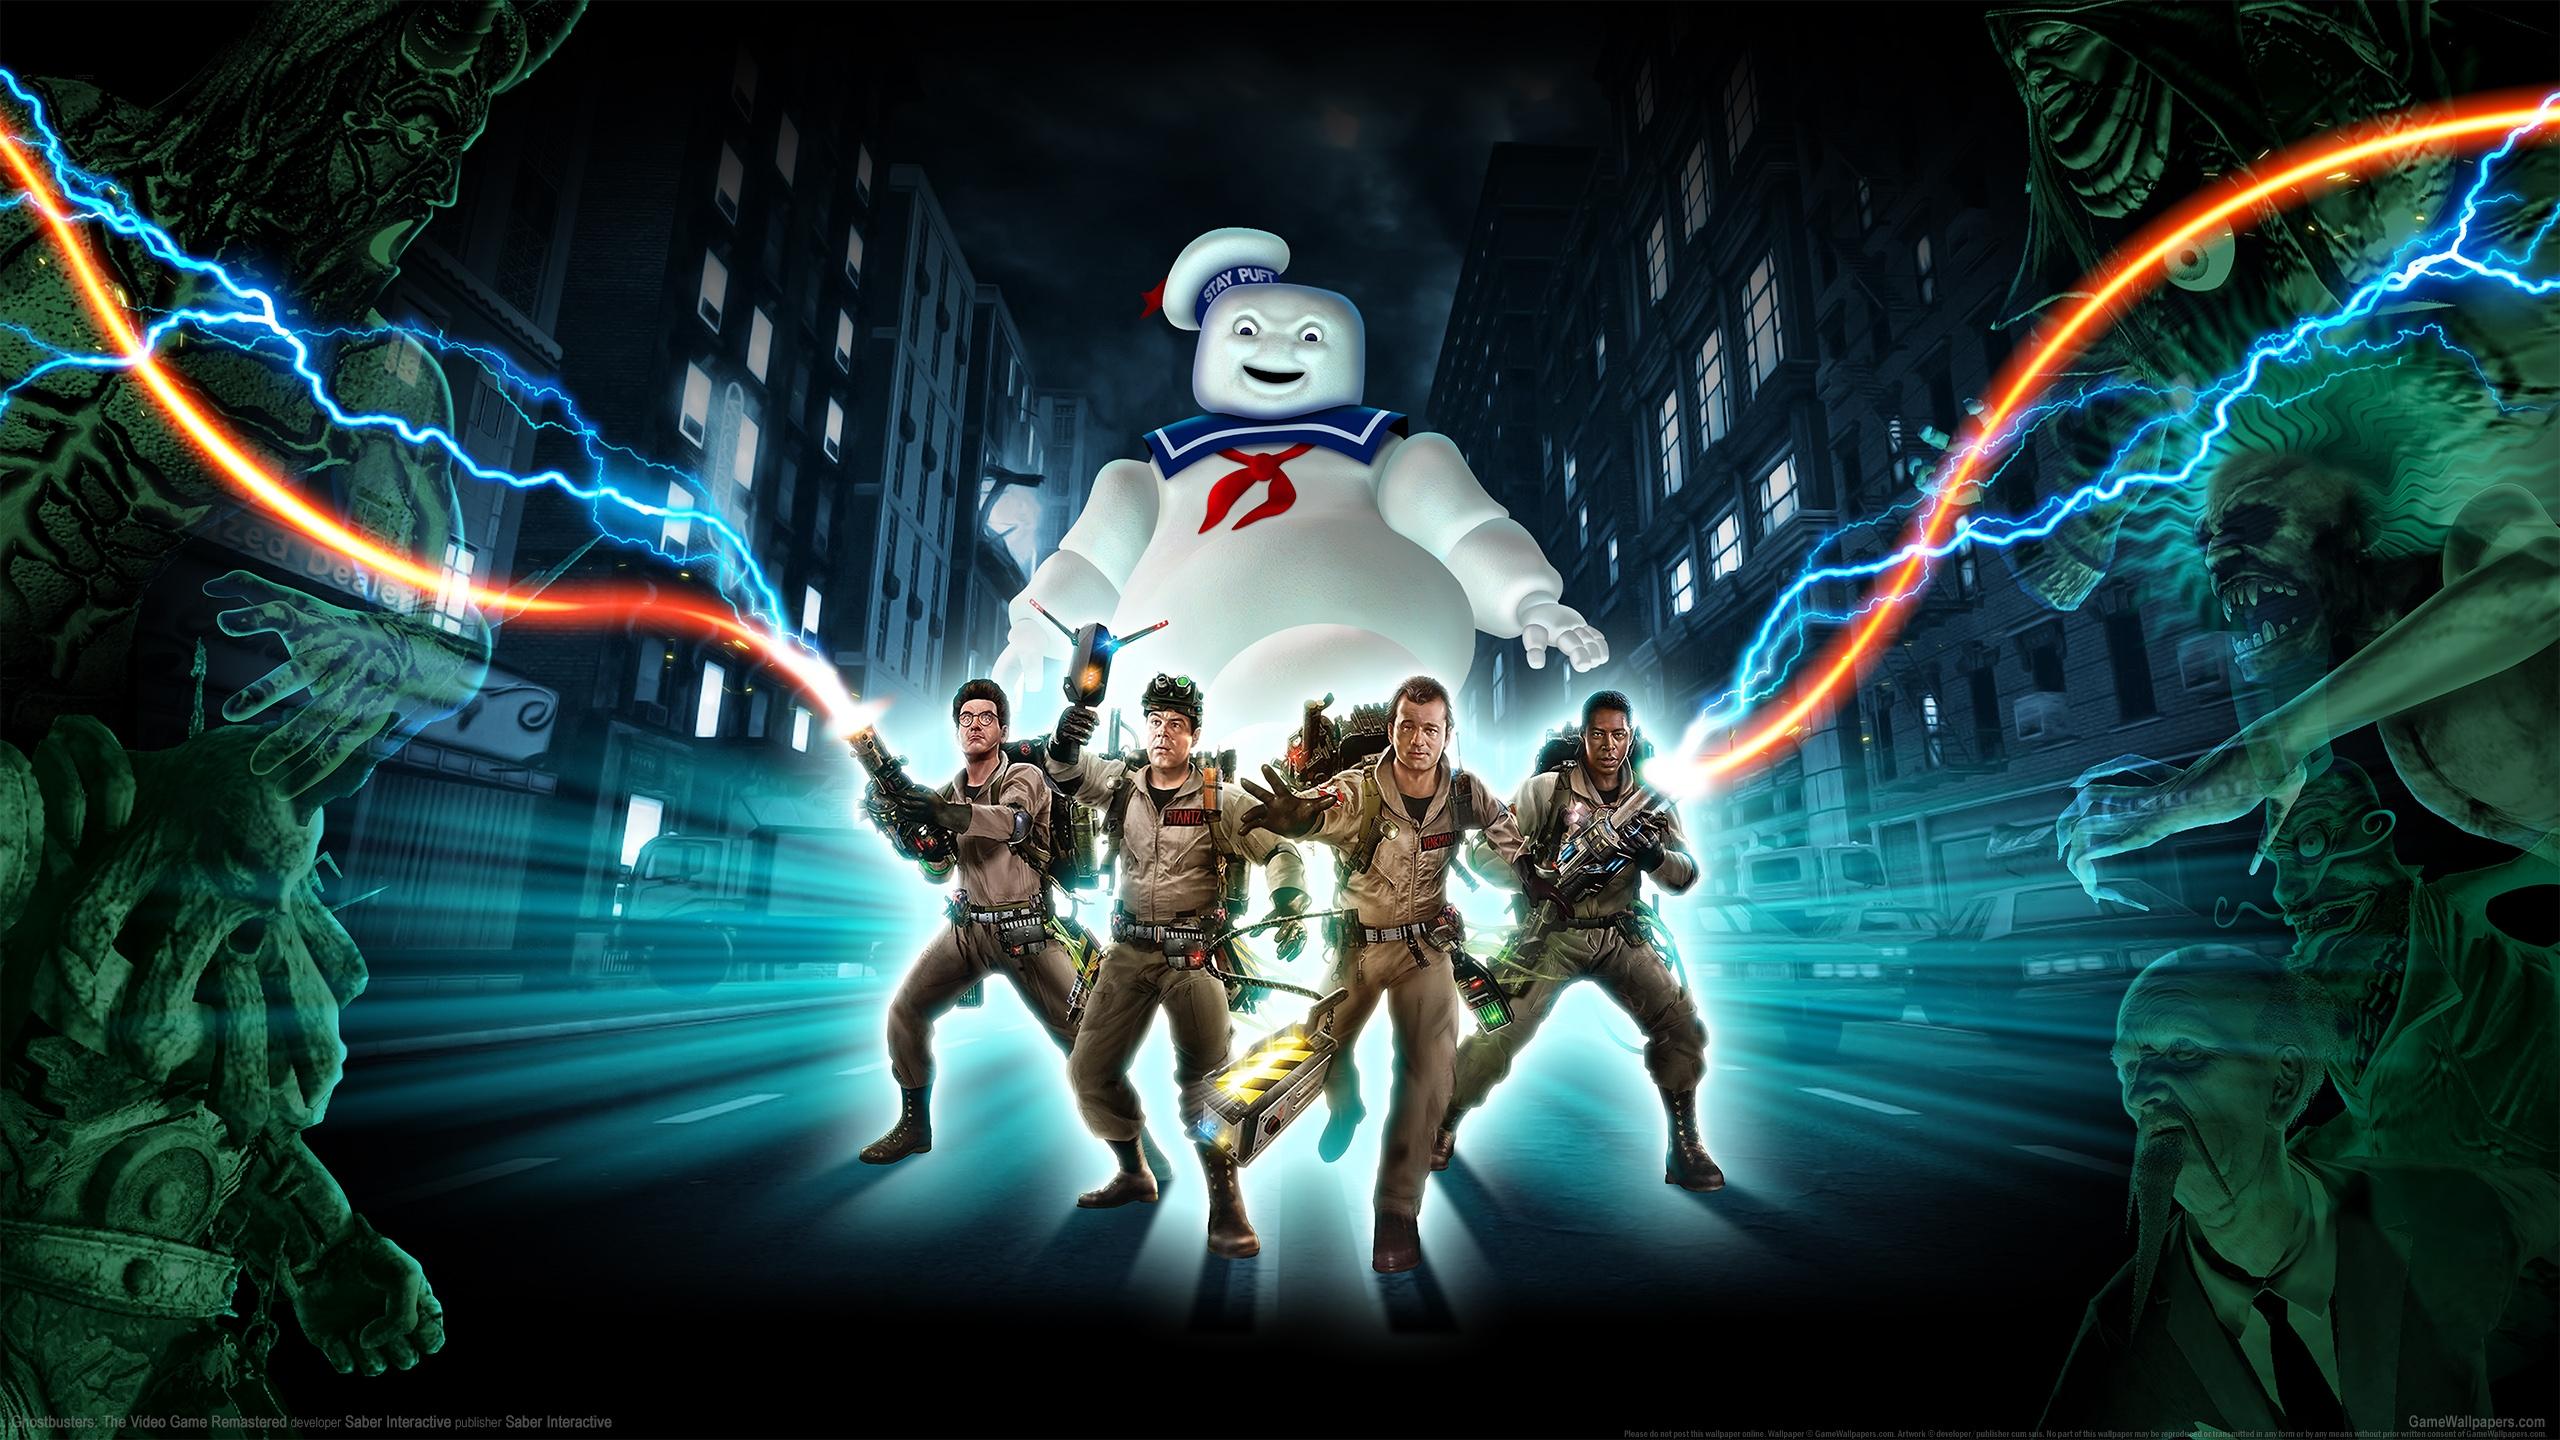 Ghostbusters: The Video Game Remastered 2560x1440 fondo de escritorio 01